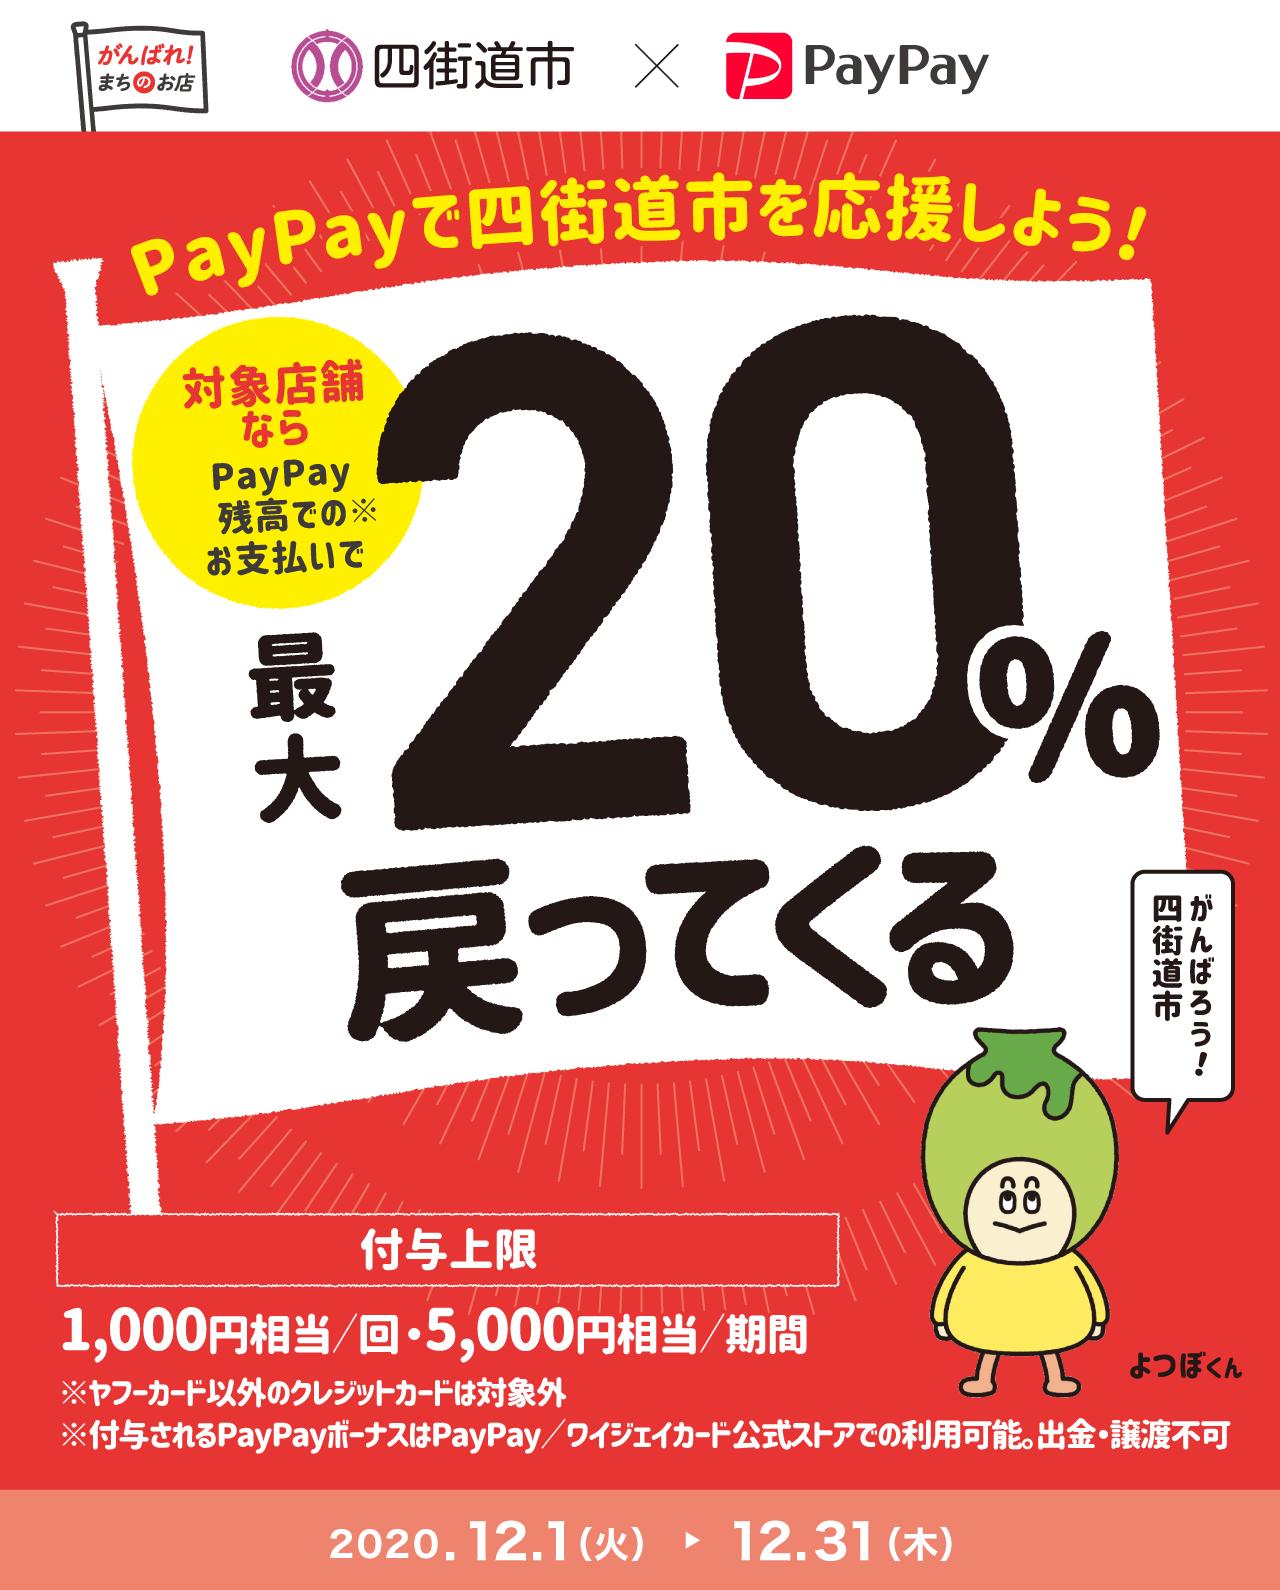 PayPayで四街道市を応援しよう! 対象店舗ならPayPay残高でのお支払いで 最大20%戻ってくる